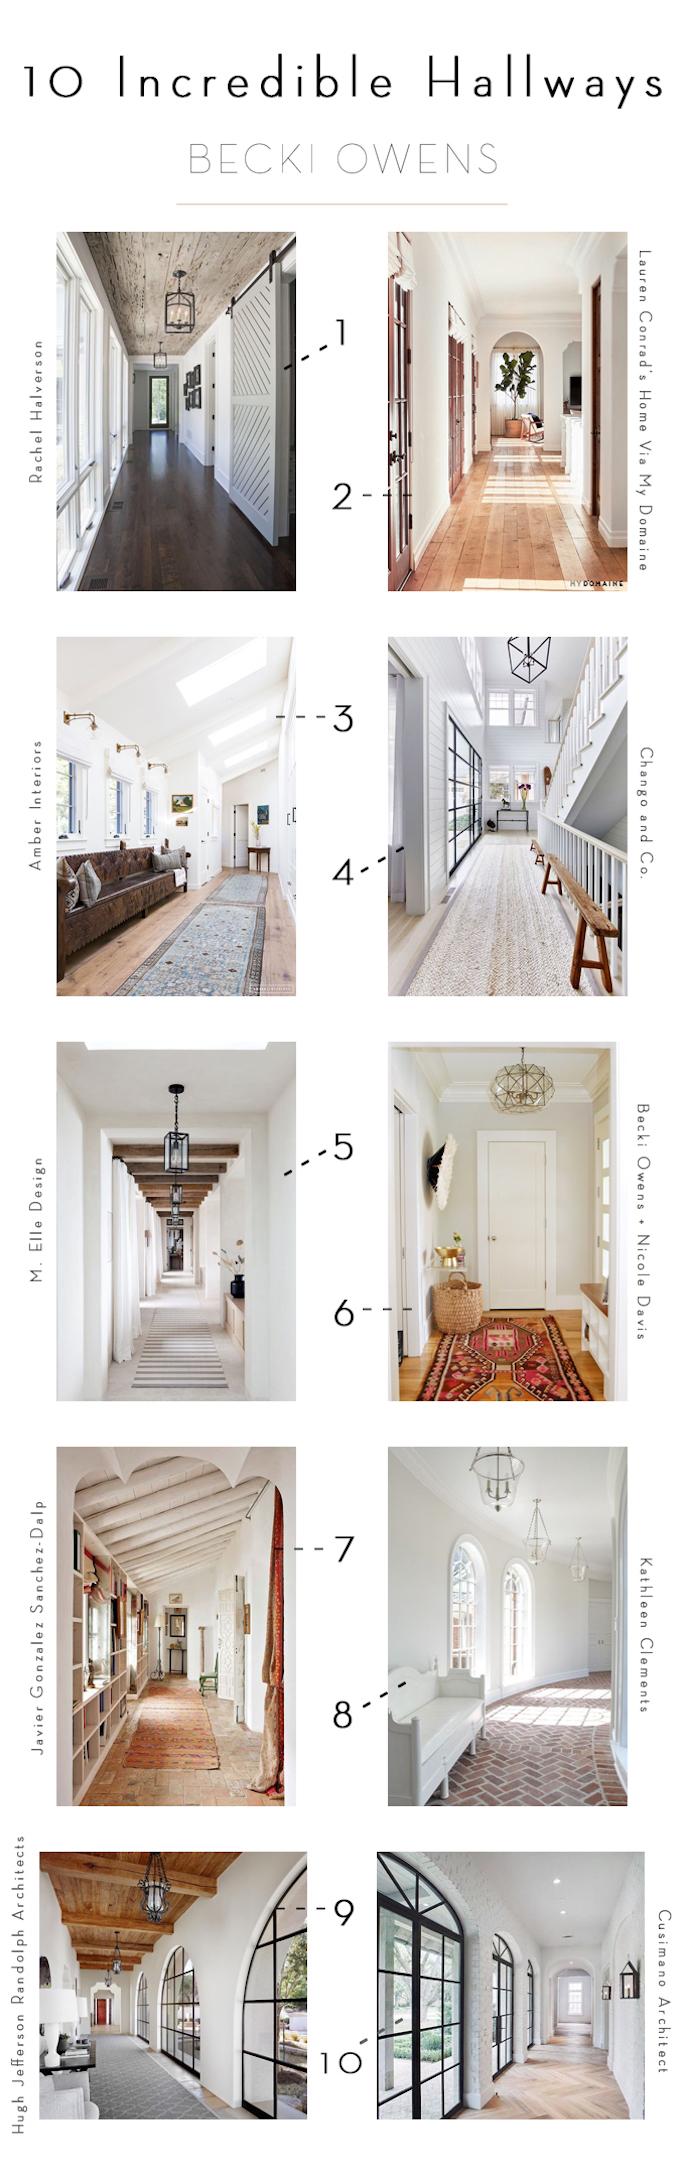 10 incredible hallways